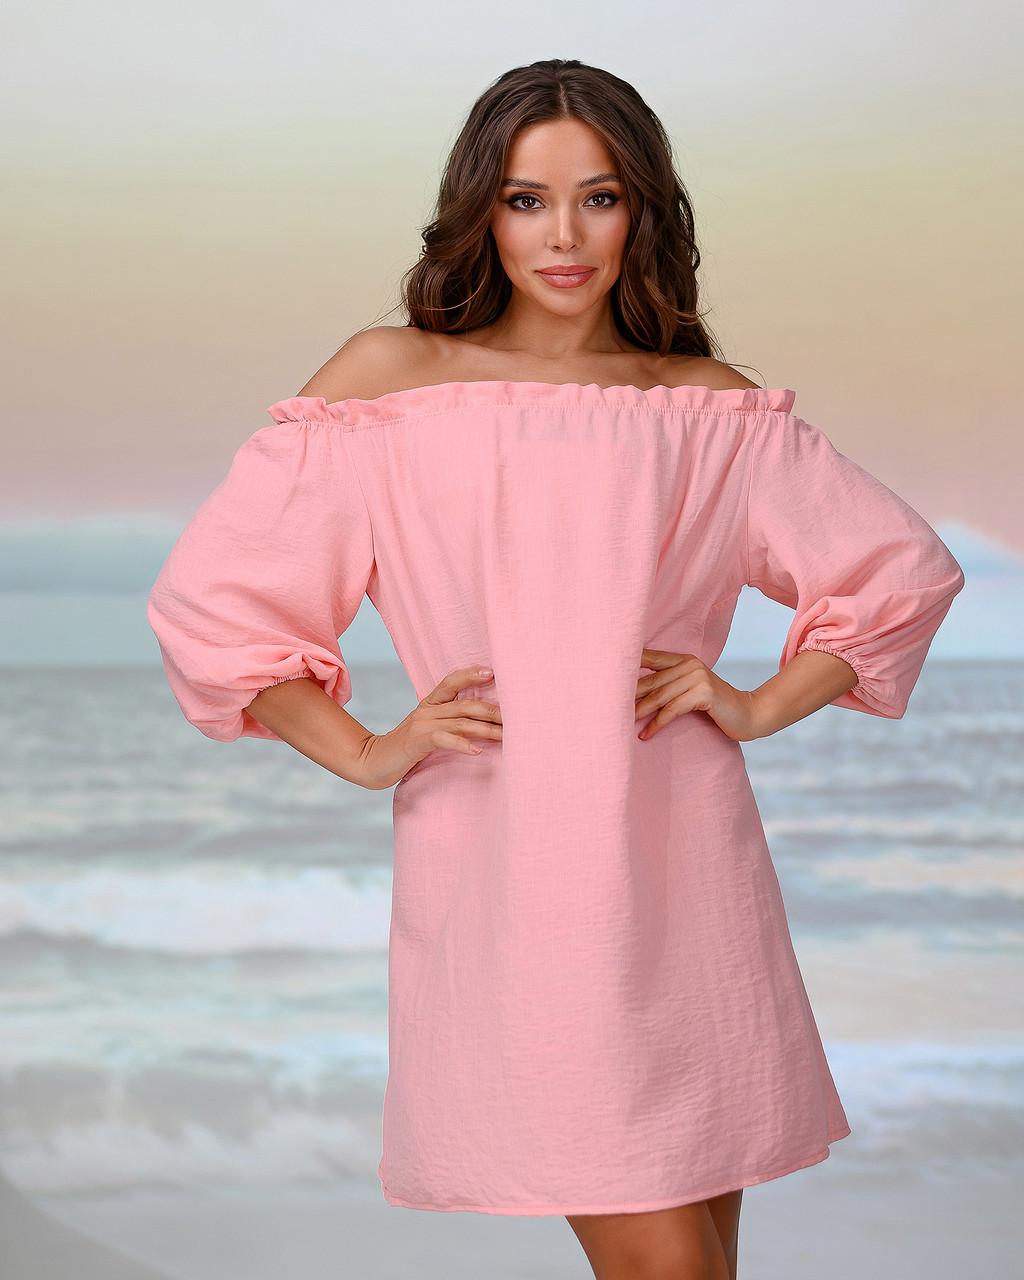 Короткая пляжная туника со спущенными плечами . Цвет персик. Размер 42-44